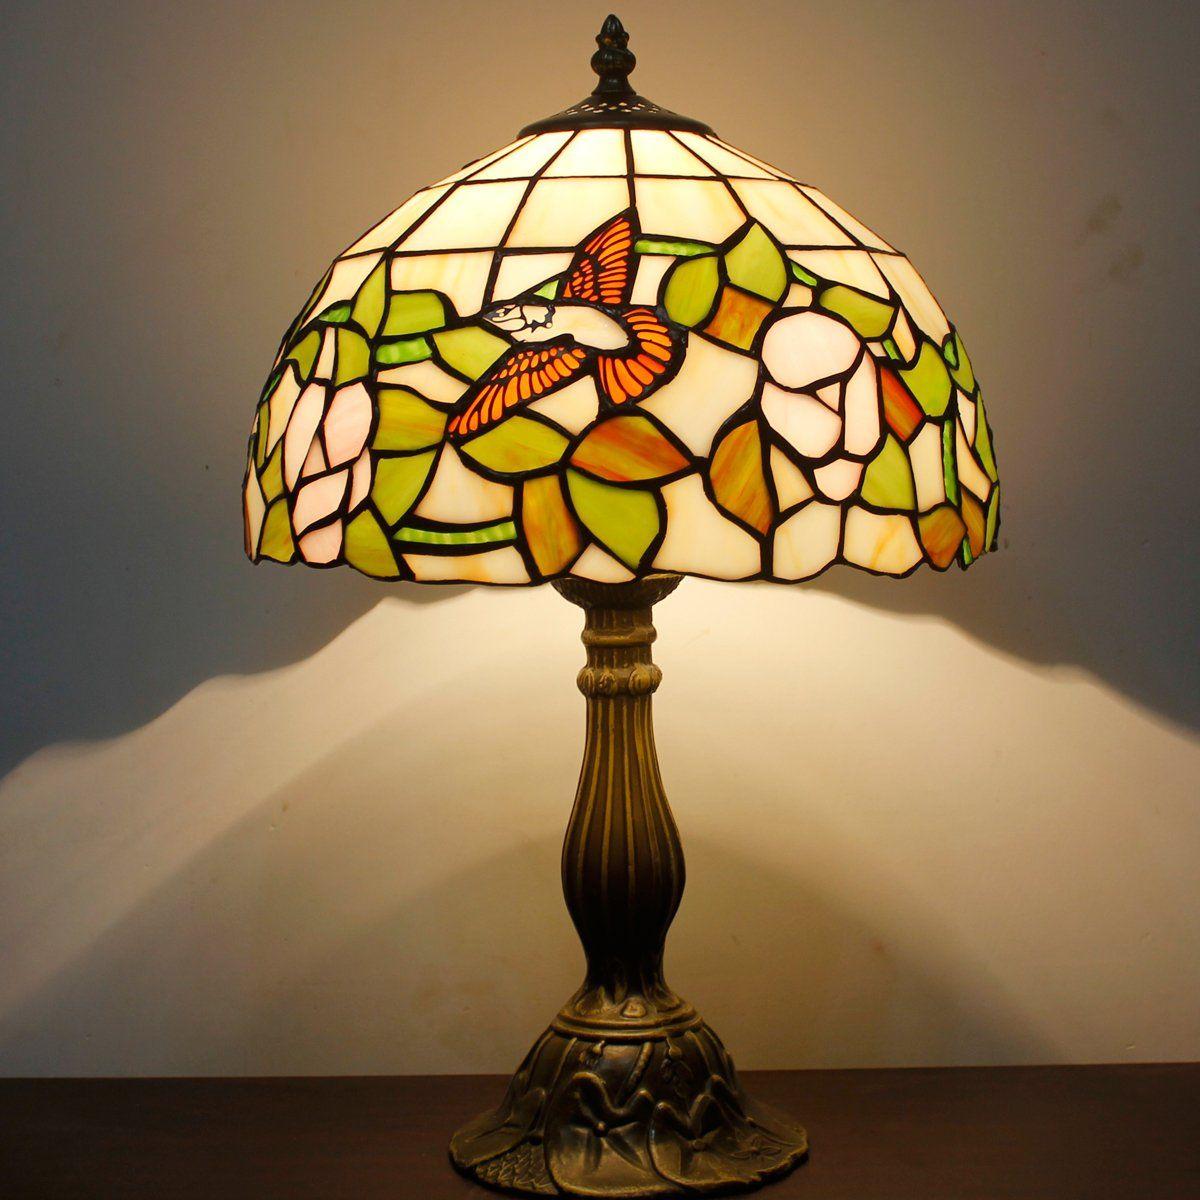 Pin On Lamp Lamp Shades